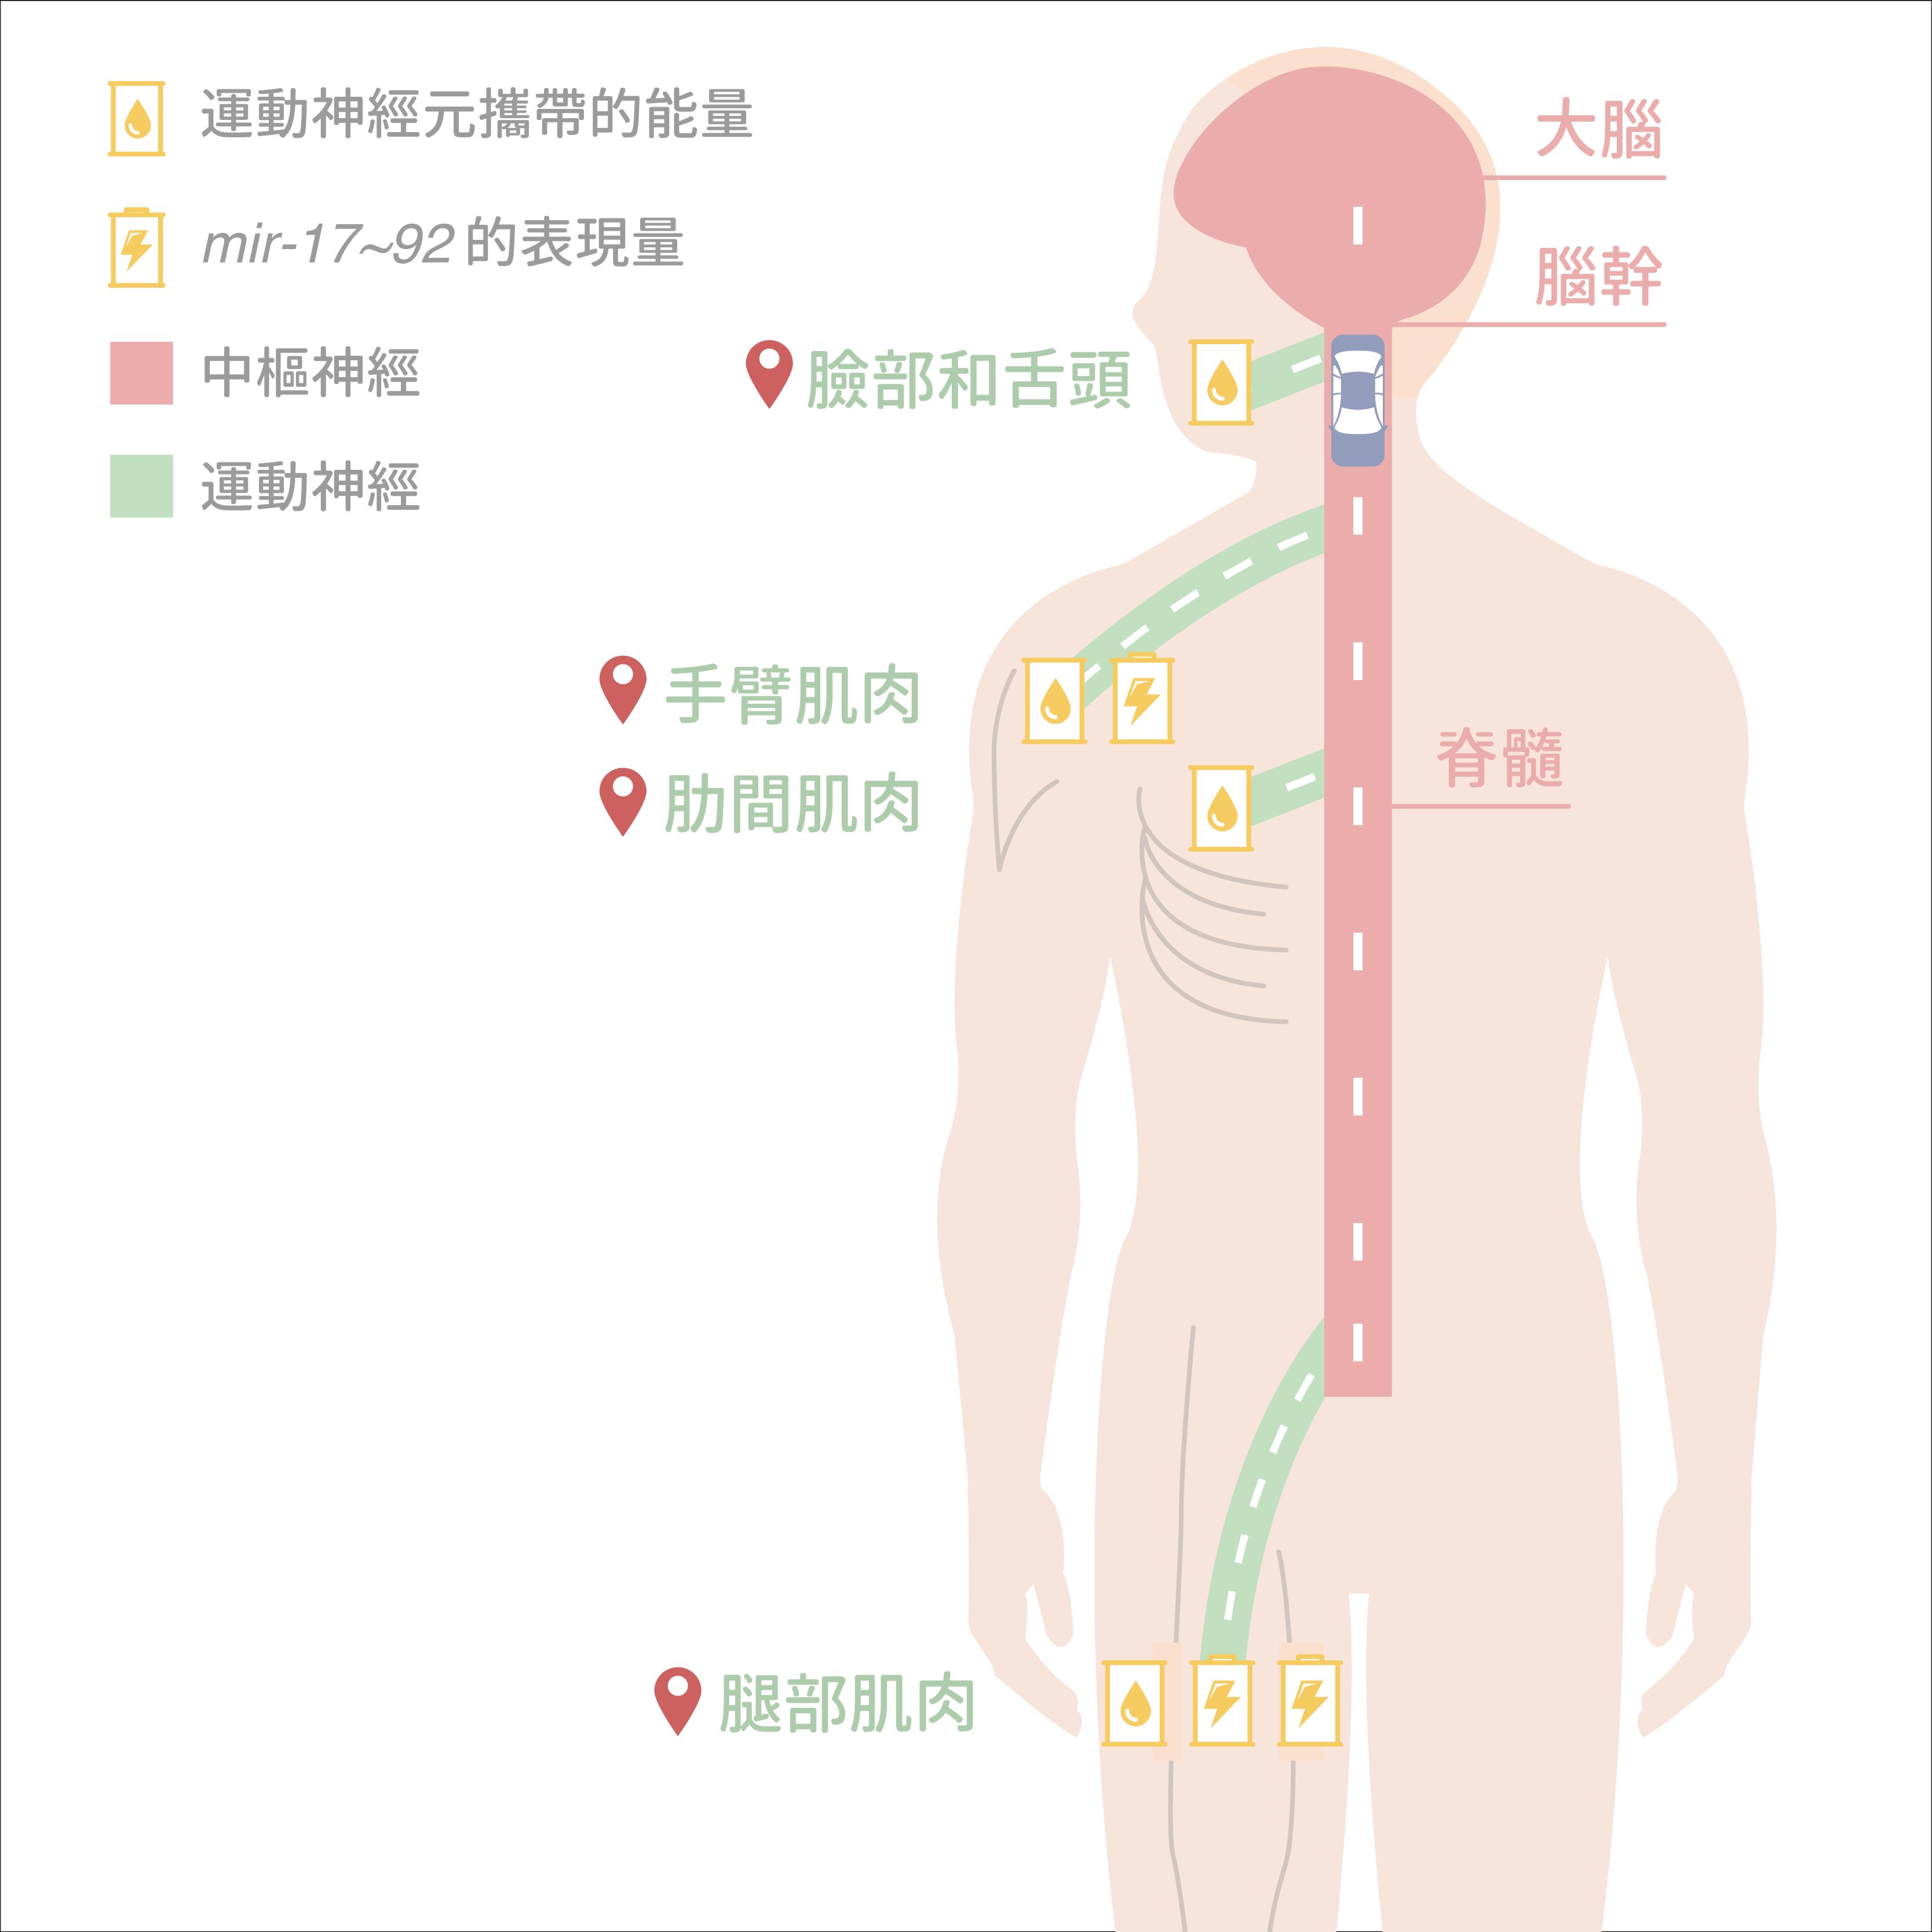 將人體比喻為台灣地圖,到達不同目的地的「運動神經」樹突長度相差很多, mir-17~92 在各種運動神經元內的表現量也不同。 資料來源│陳俊安提供 圖說重製│林婷嫻、張語辰